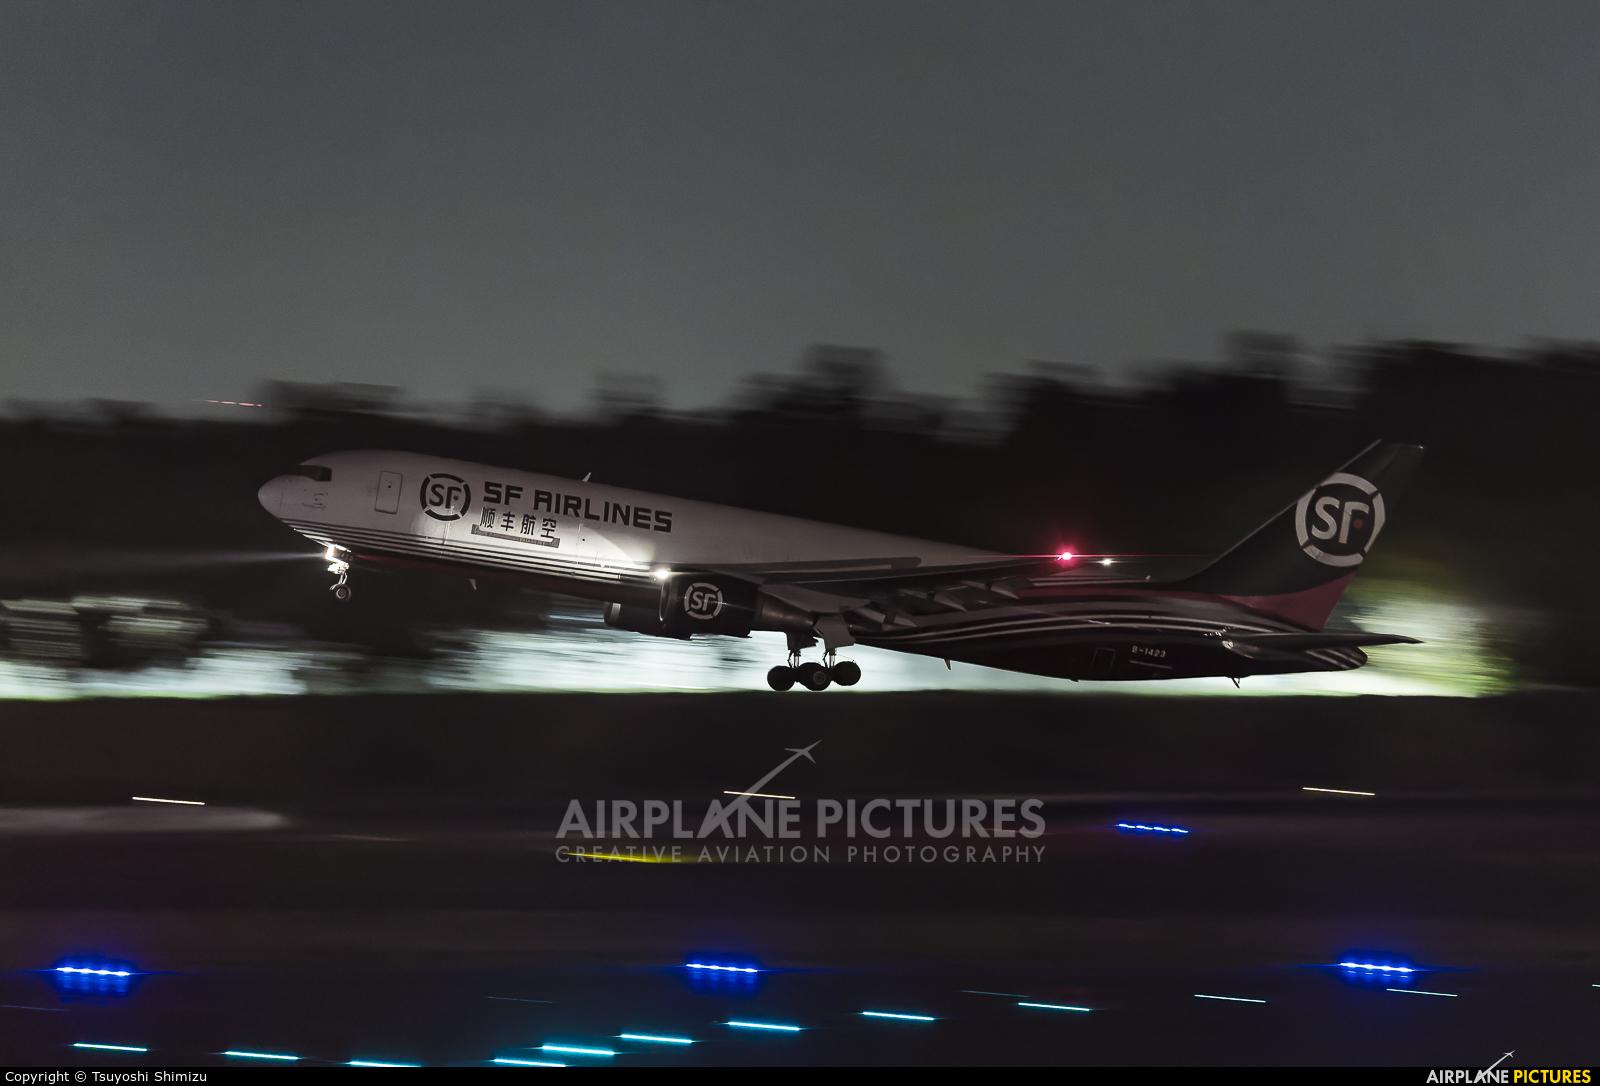 SF Airlines B-1423 aircraft at Tokyo - Narita Intl